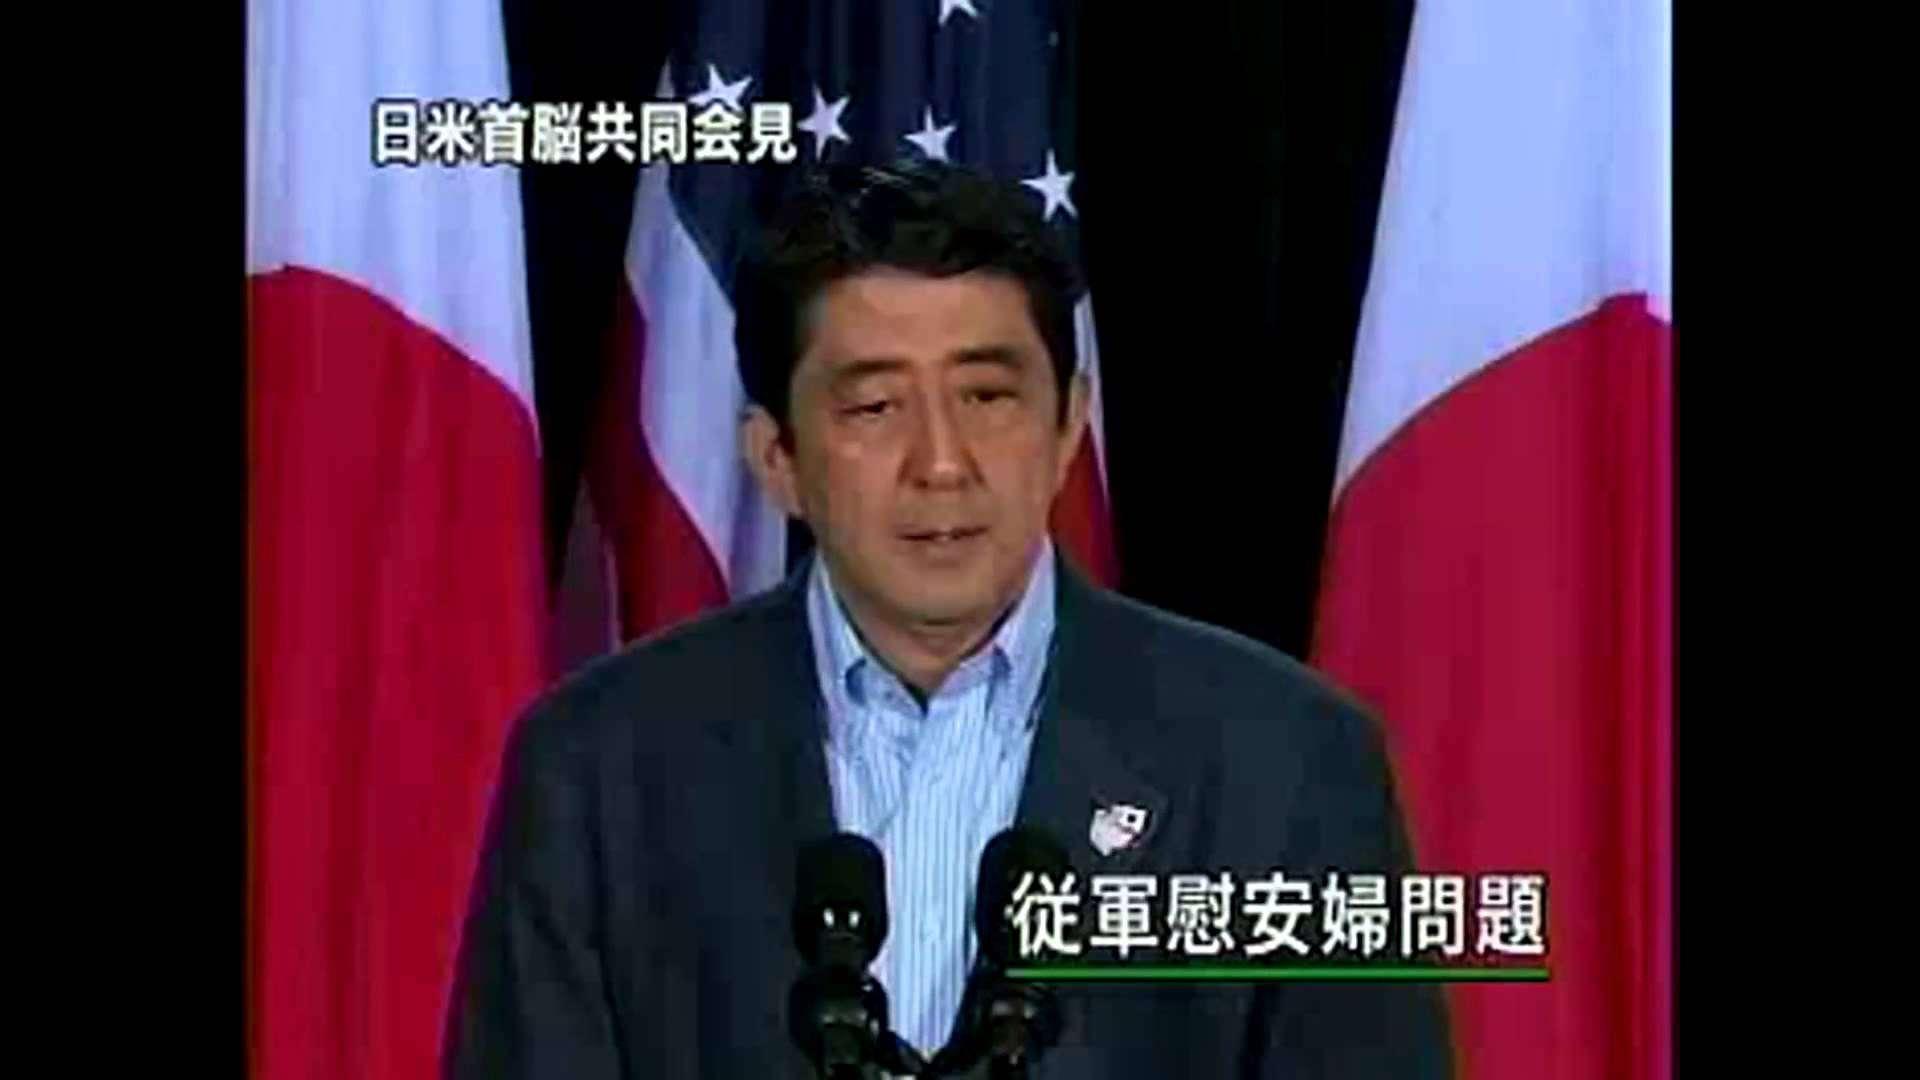 【保守】統一教会・安倍晋三・従軍慰安婦問題で謝罪しちゃった - YouTube